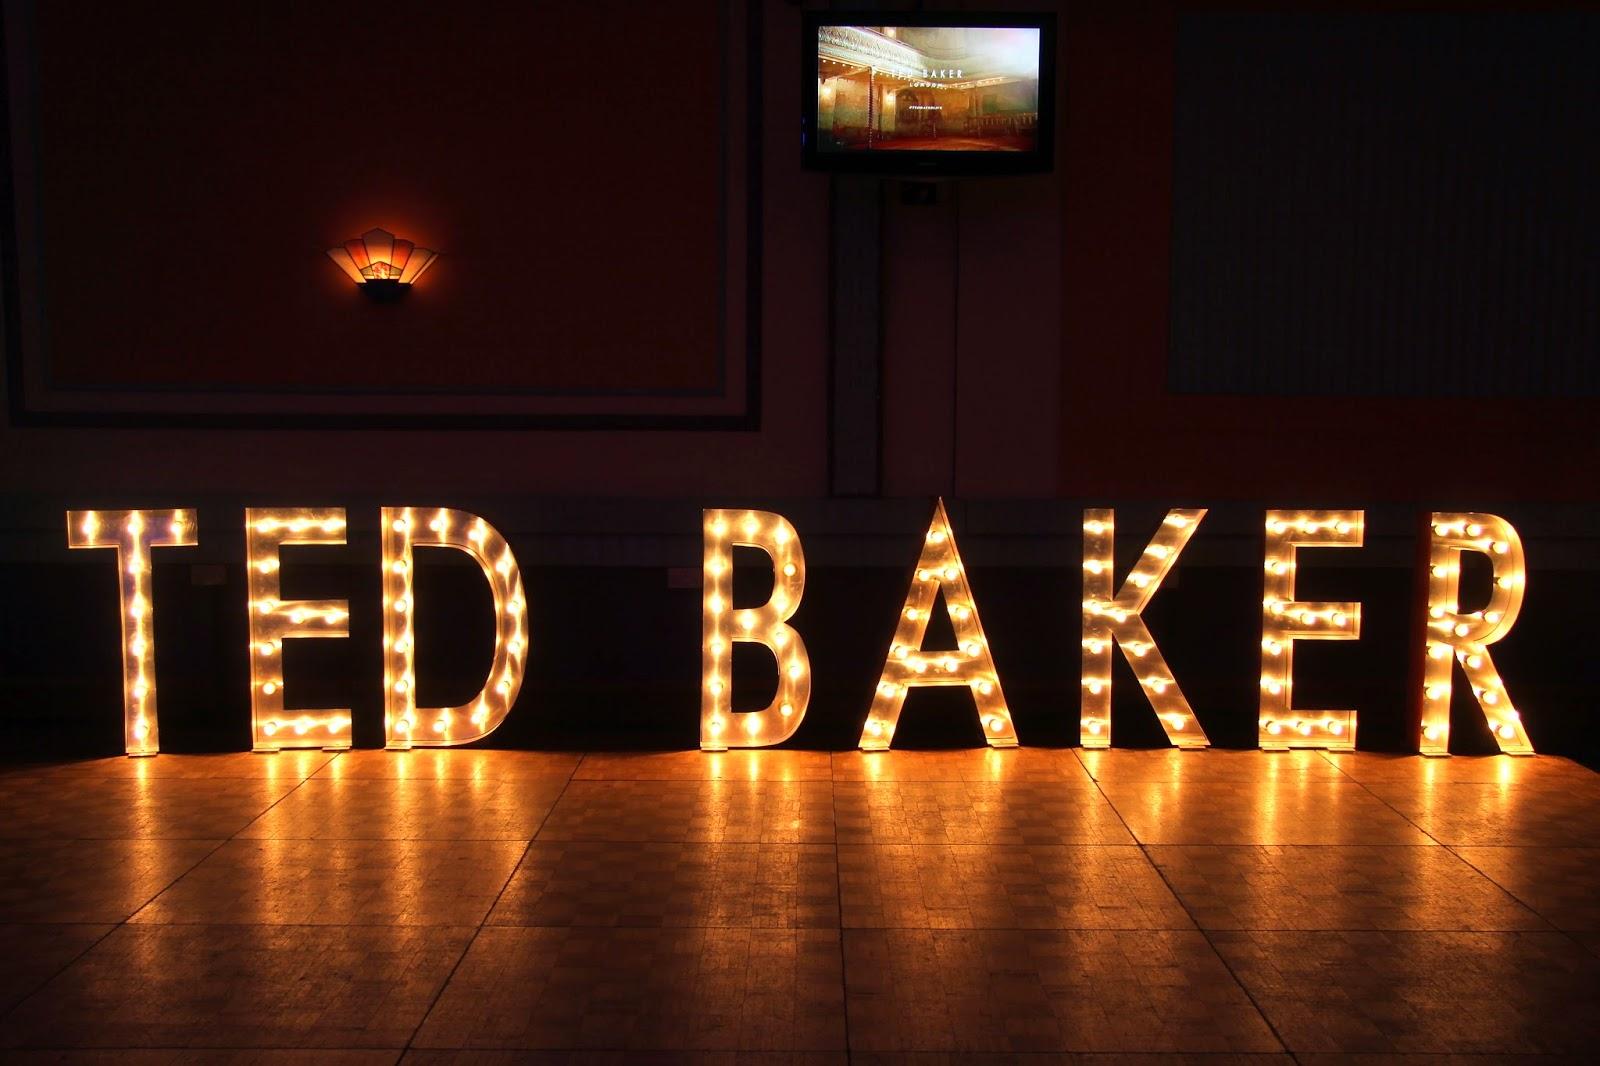 Camille et les garçons TED BAKER LONDON - part 1 1